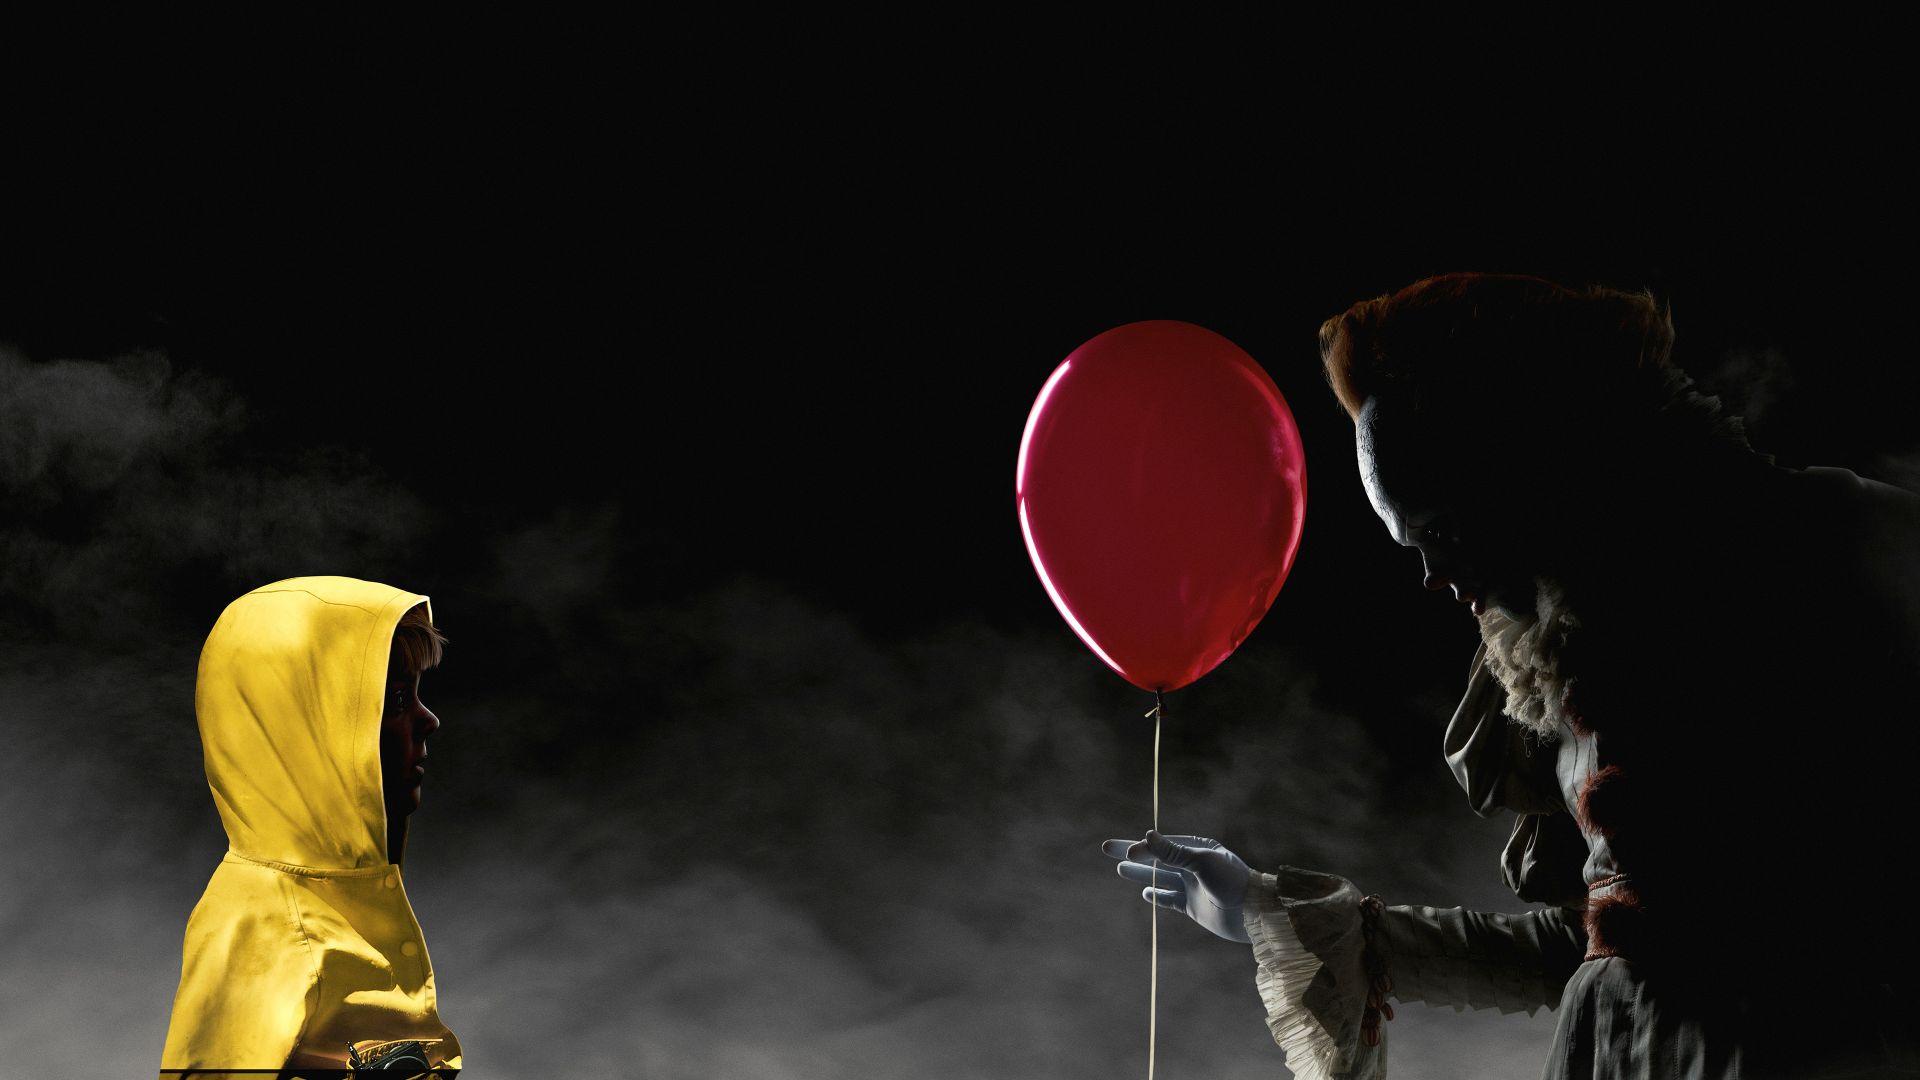 Wallpaper It Clown Bill Skarsgard Horror 2017 Hd: Wallpaper It, Bill Skarsgard, Scary Clown, 4k, Movies #15212